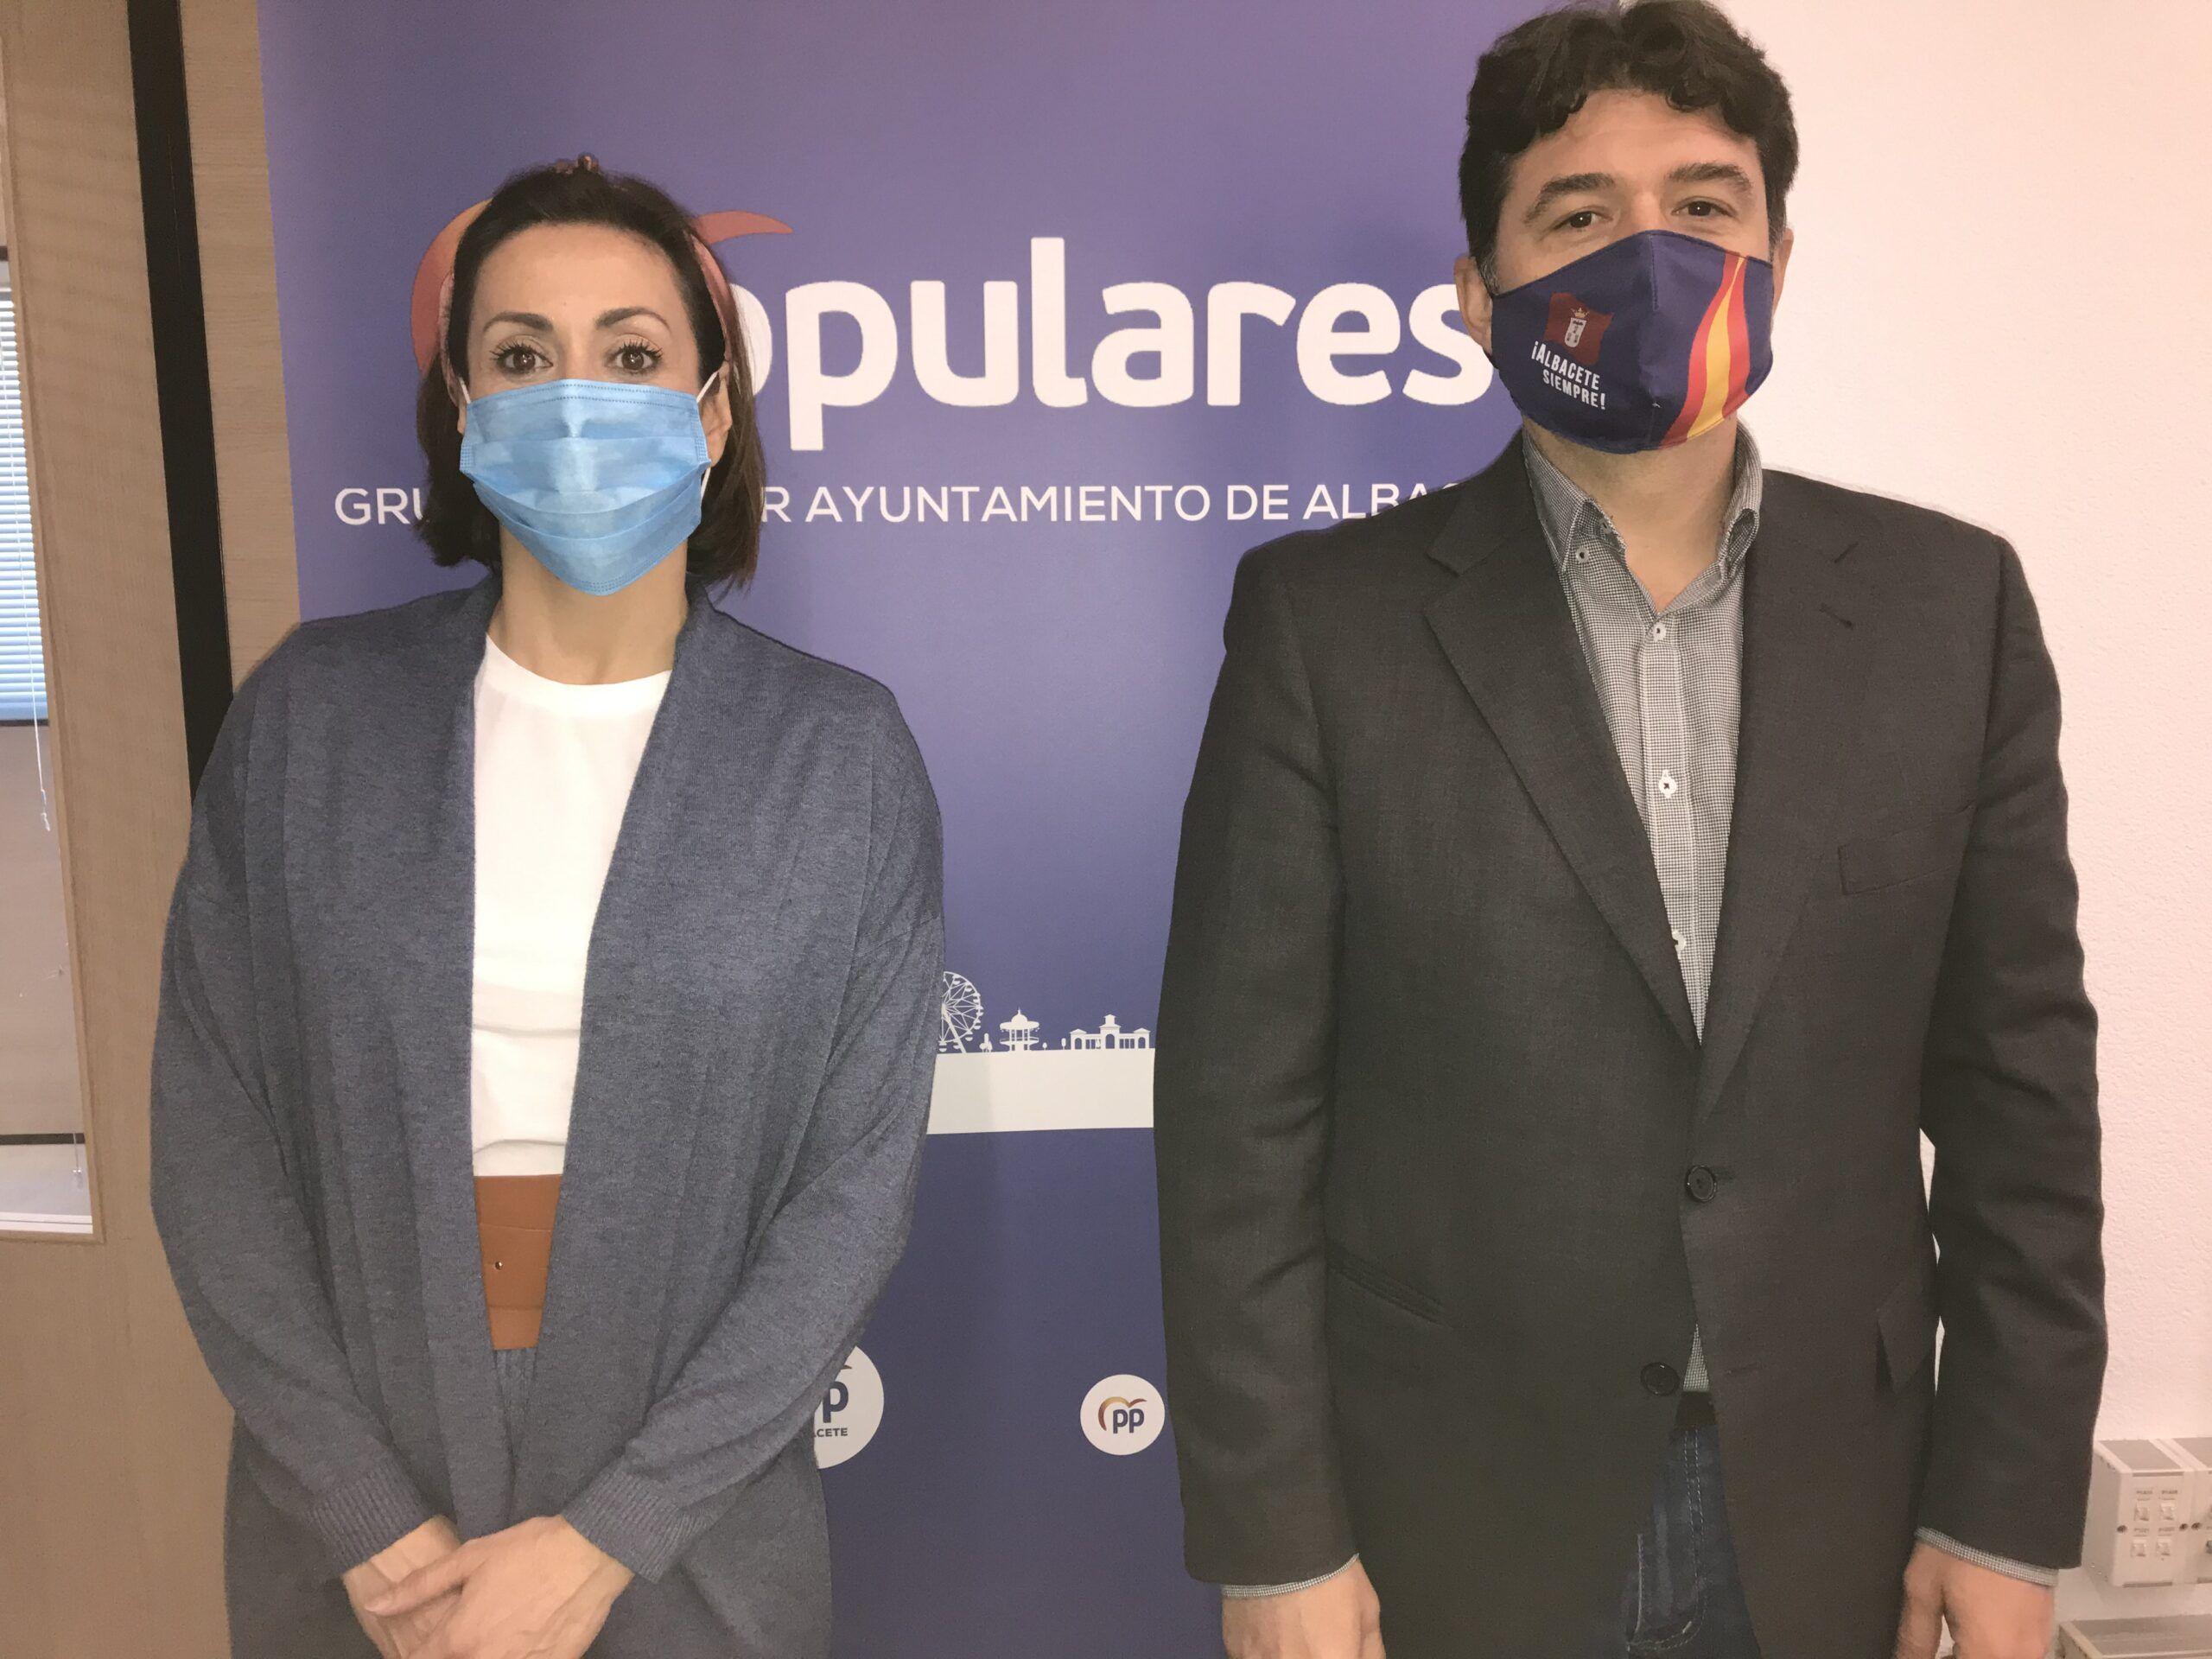 Gracias a la moción del Grupo Popular el Ayuntamiento creará un grupo de trabajo para solucionar los problemas existentes con la instalación de terrazas de hostelería en Albacete